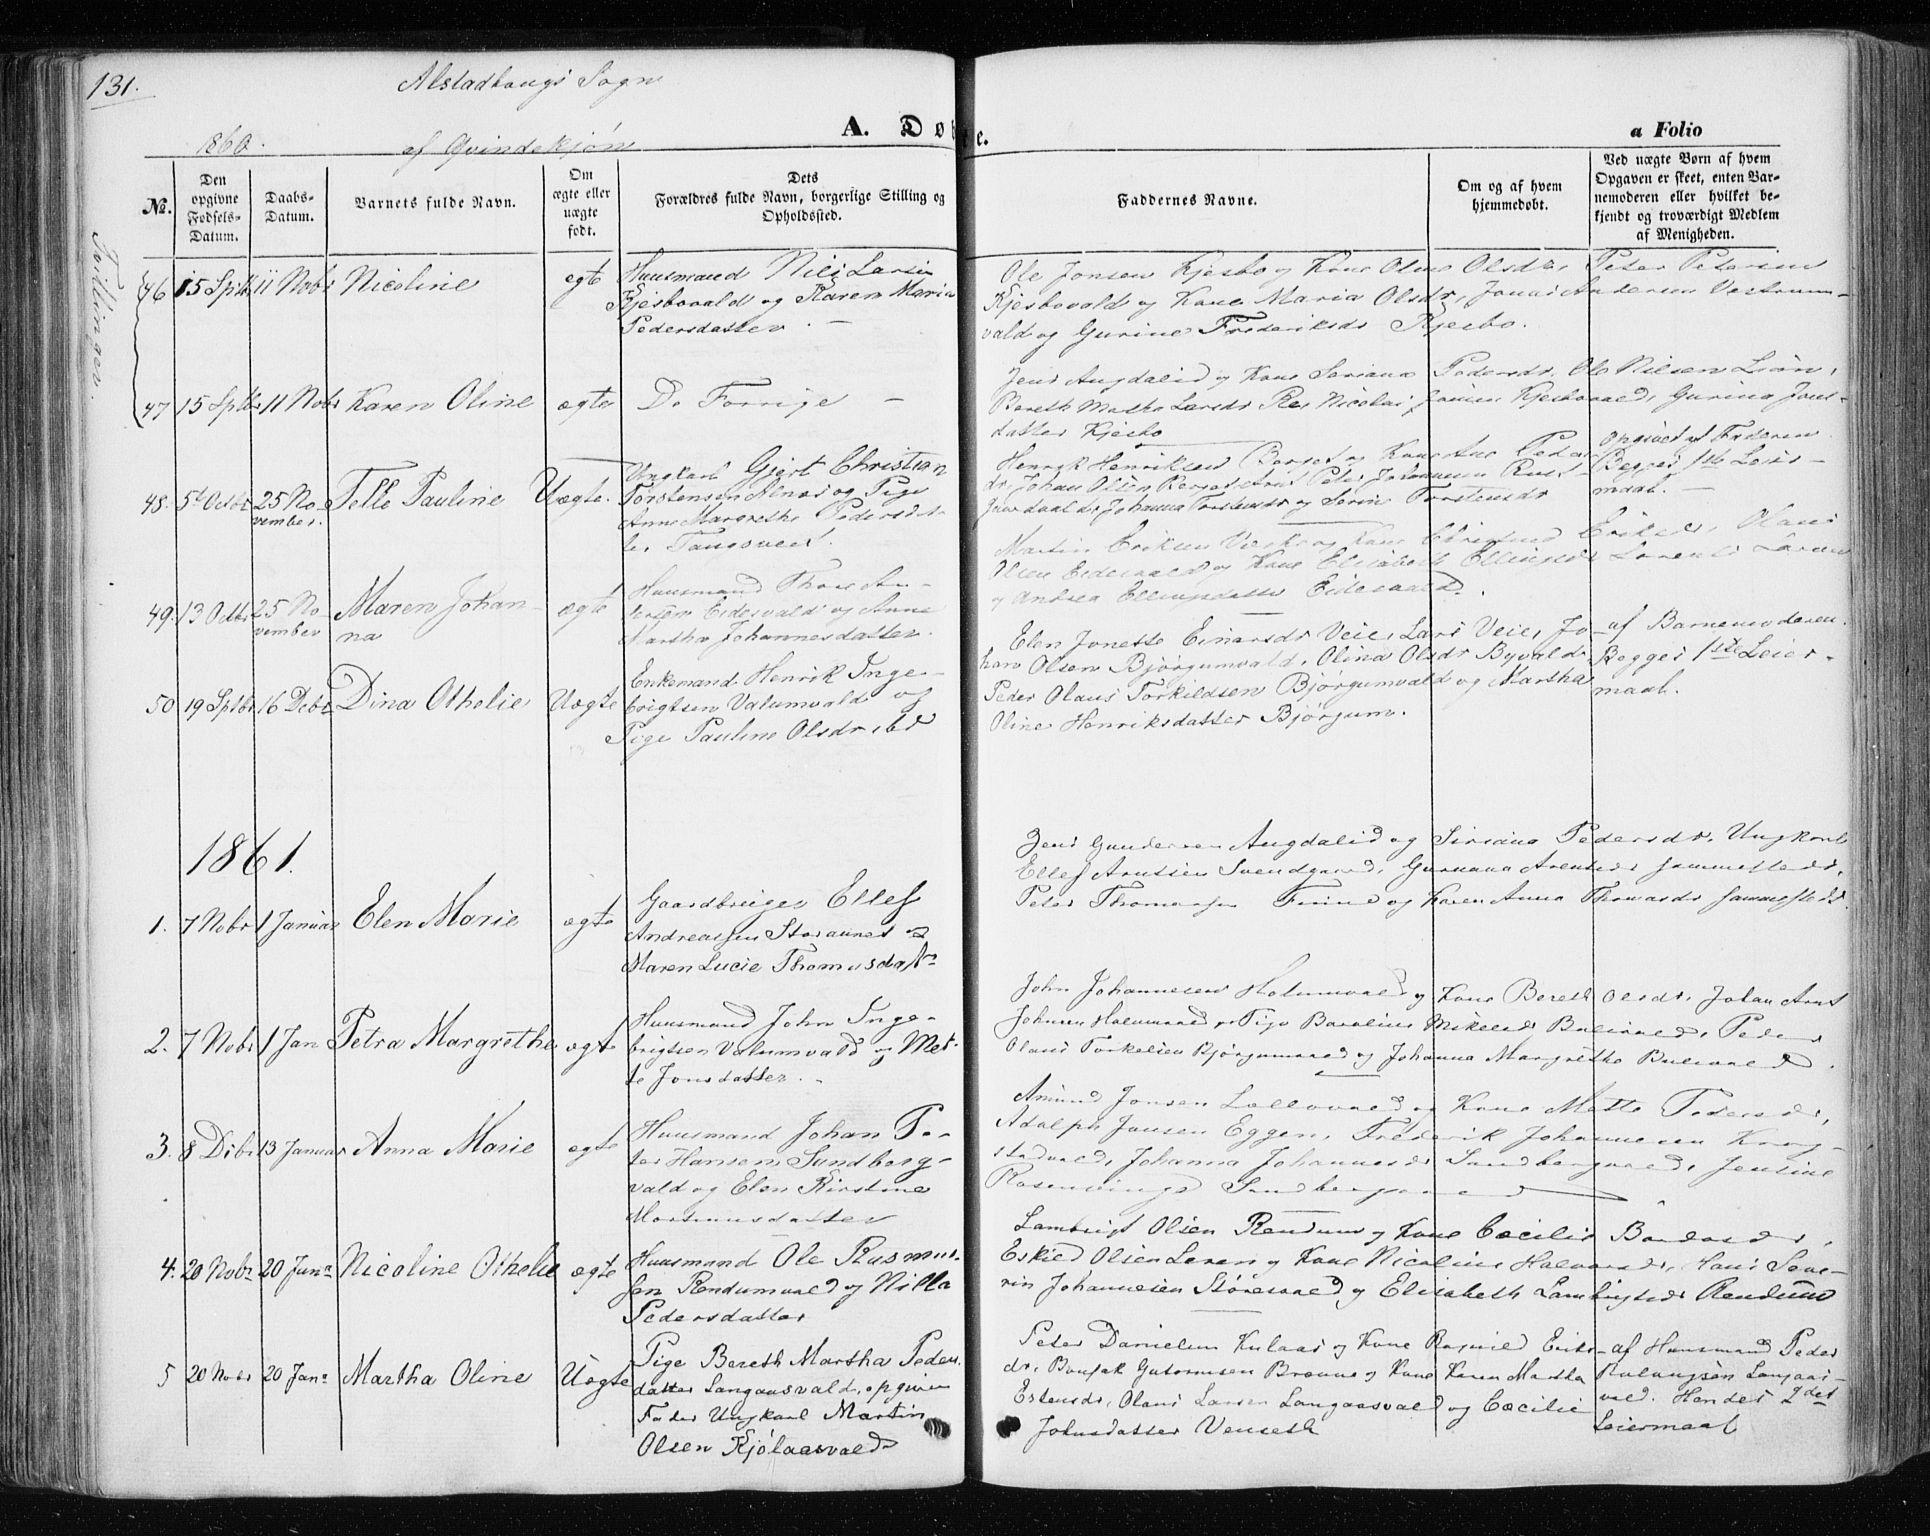 SAT, Ministerialprotokoller, klokkerbøker og fødselsregistre - Nord-Trøndelag, 717/L0154: Ministerialbok nr. 717A07 /1, 1850-1862, s. 131